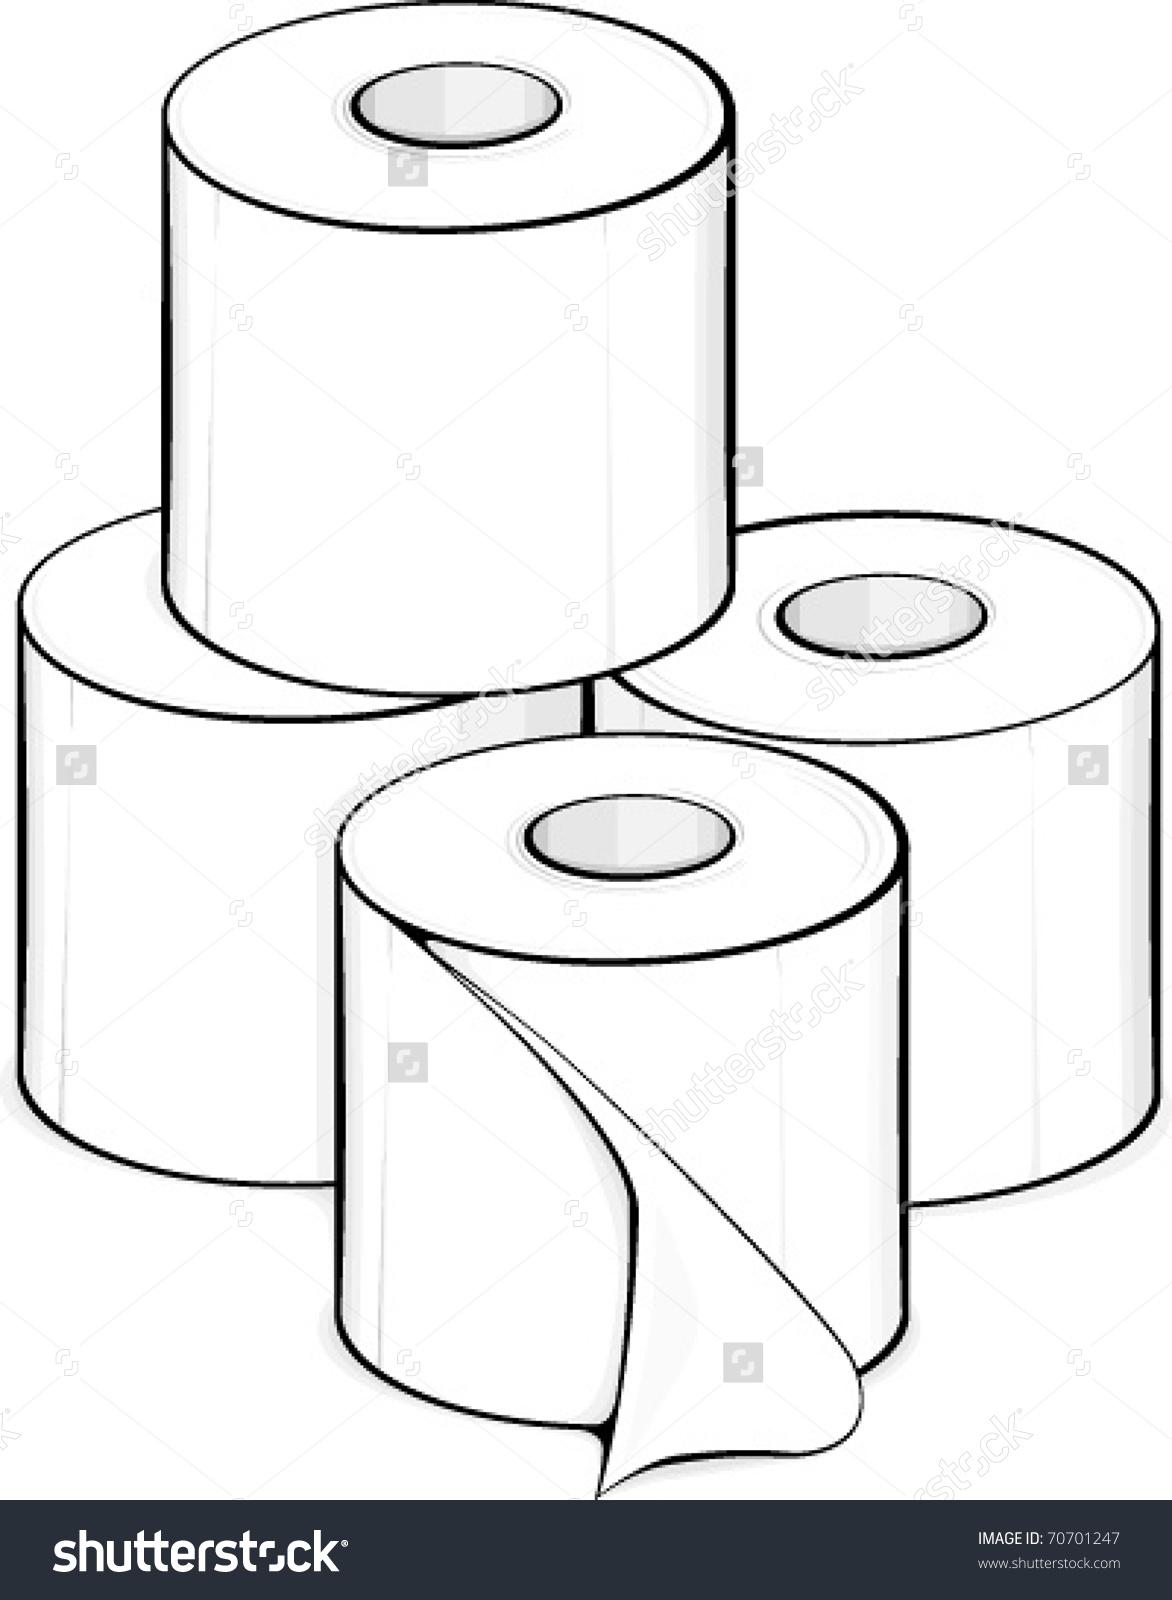 Toilet Paper Rolls Stock Vector 70701247.